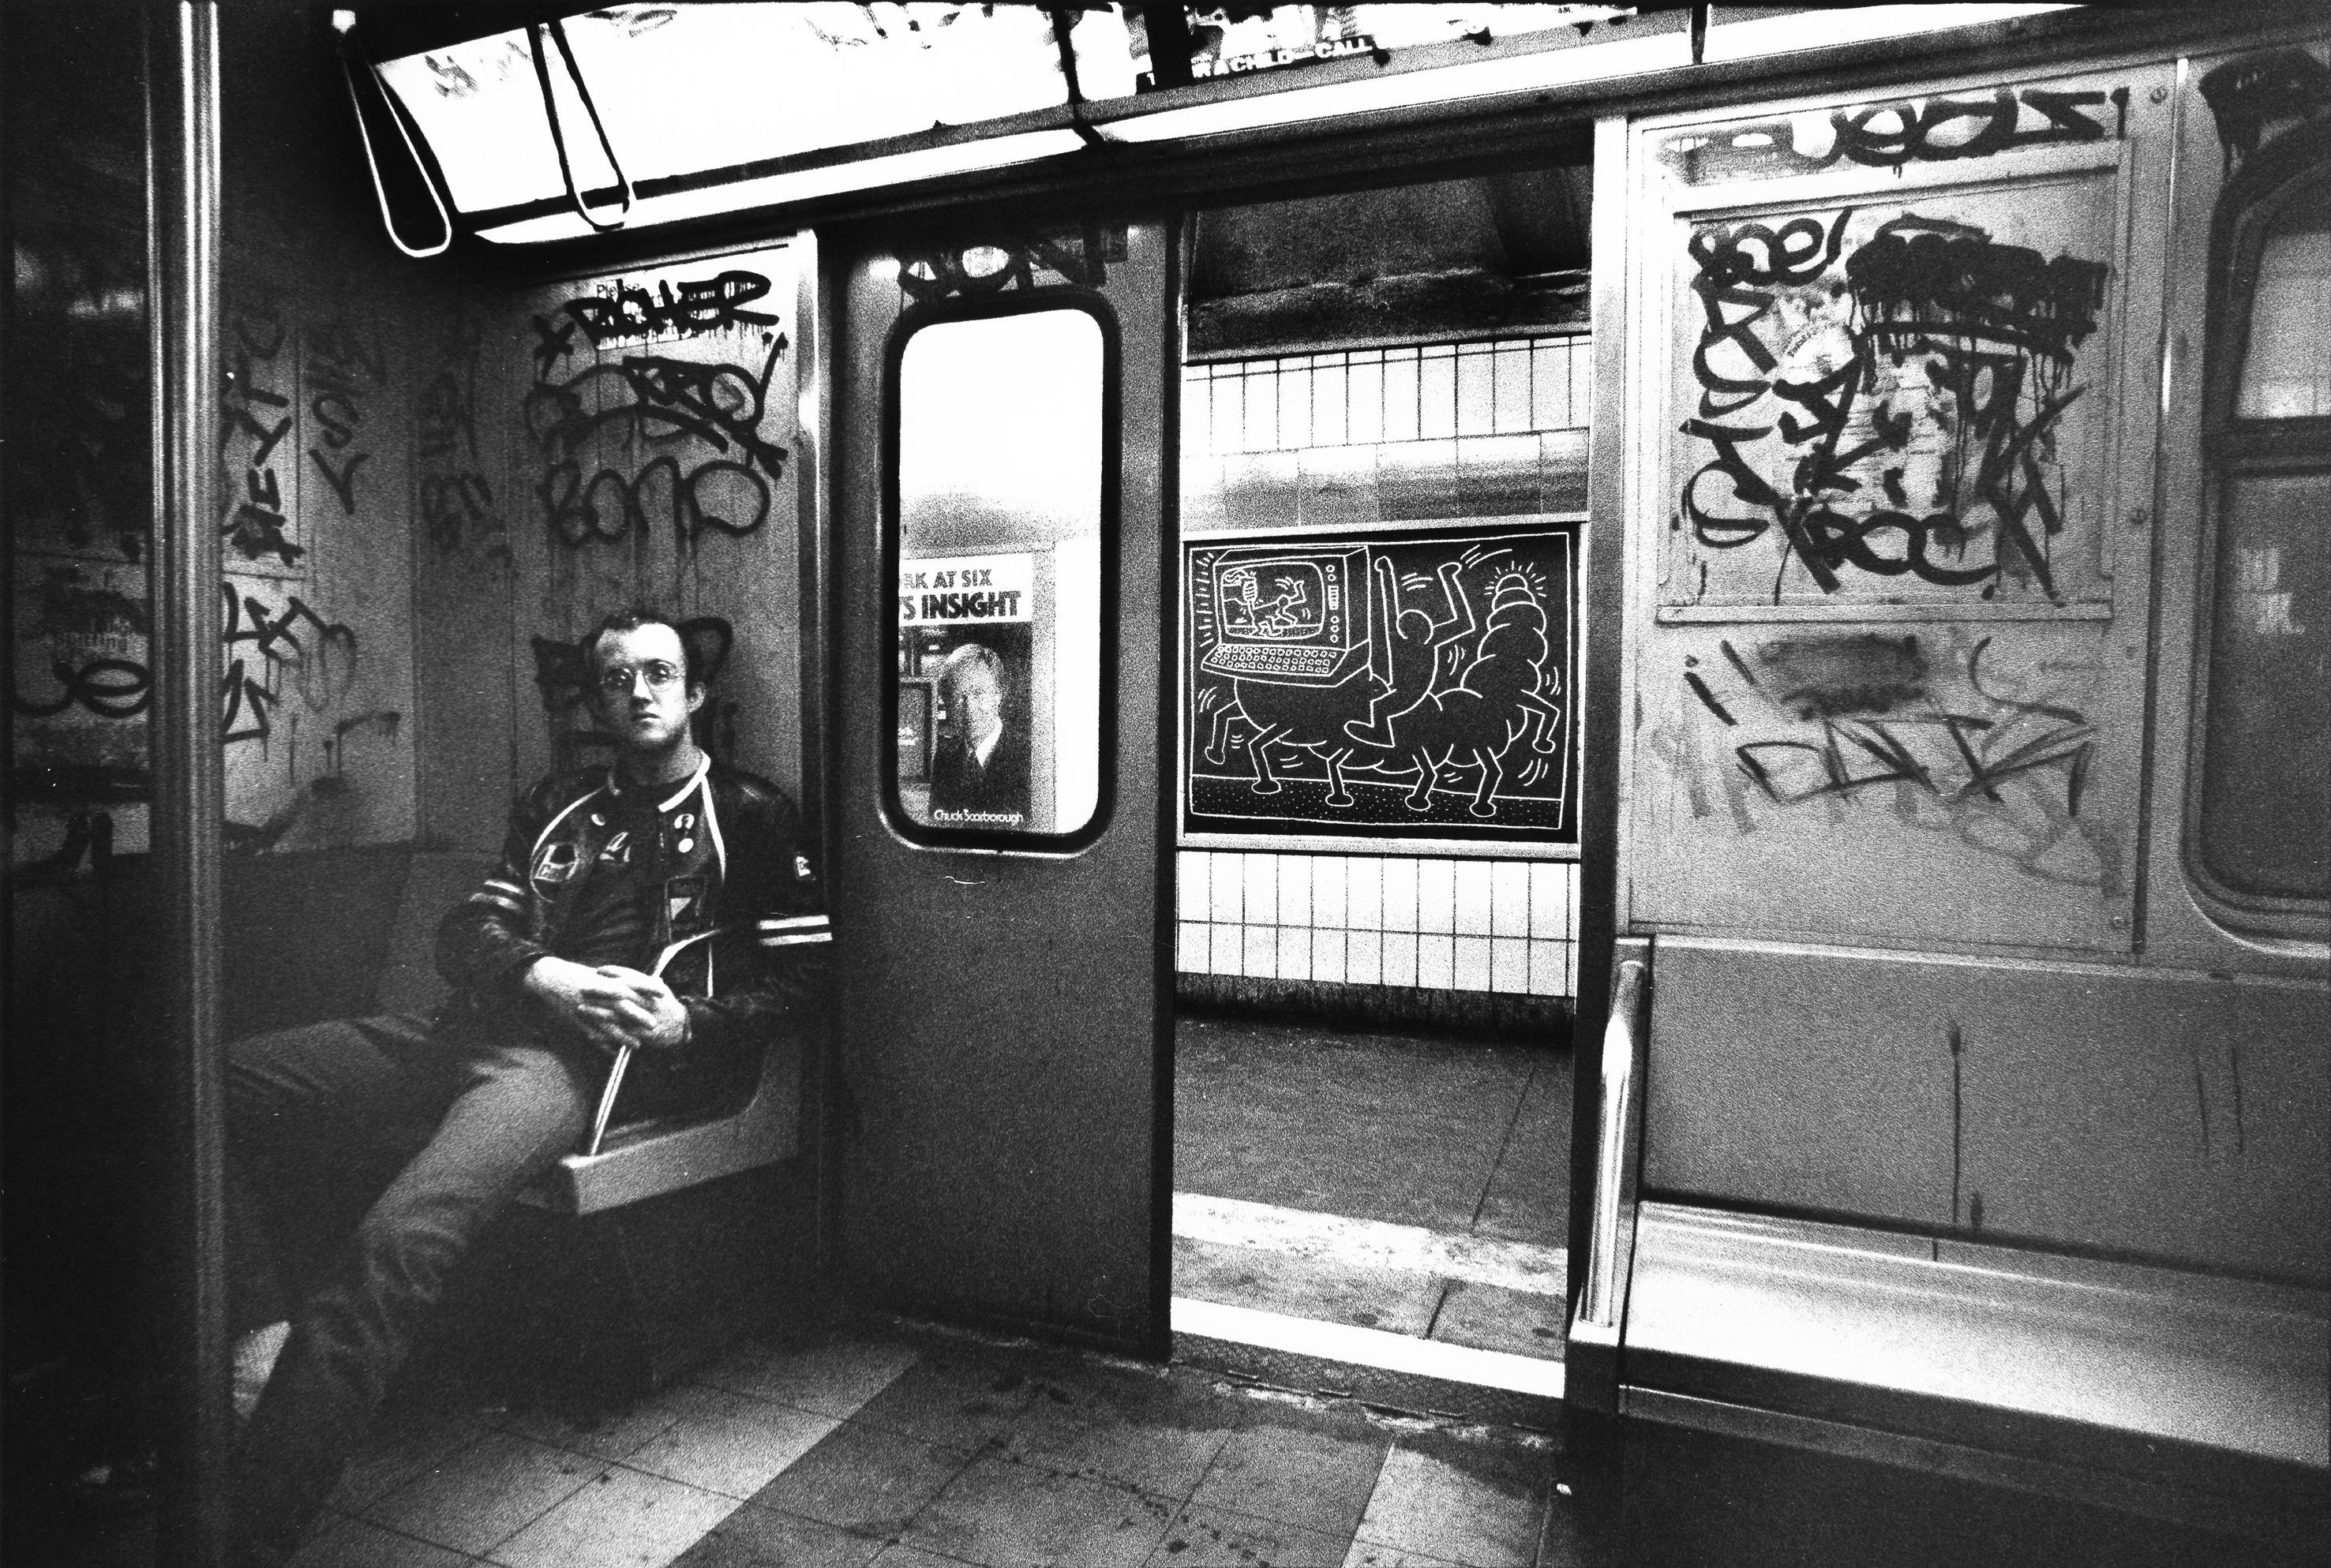 Keith Haring in Subway Car, ca. 1984